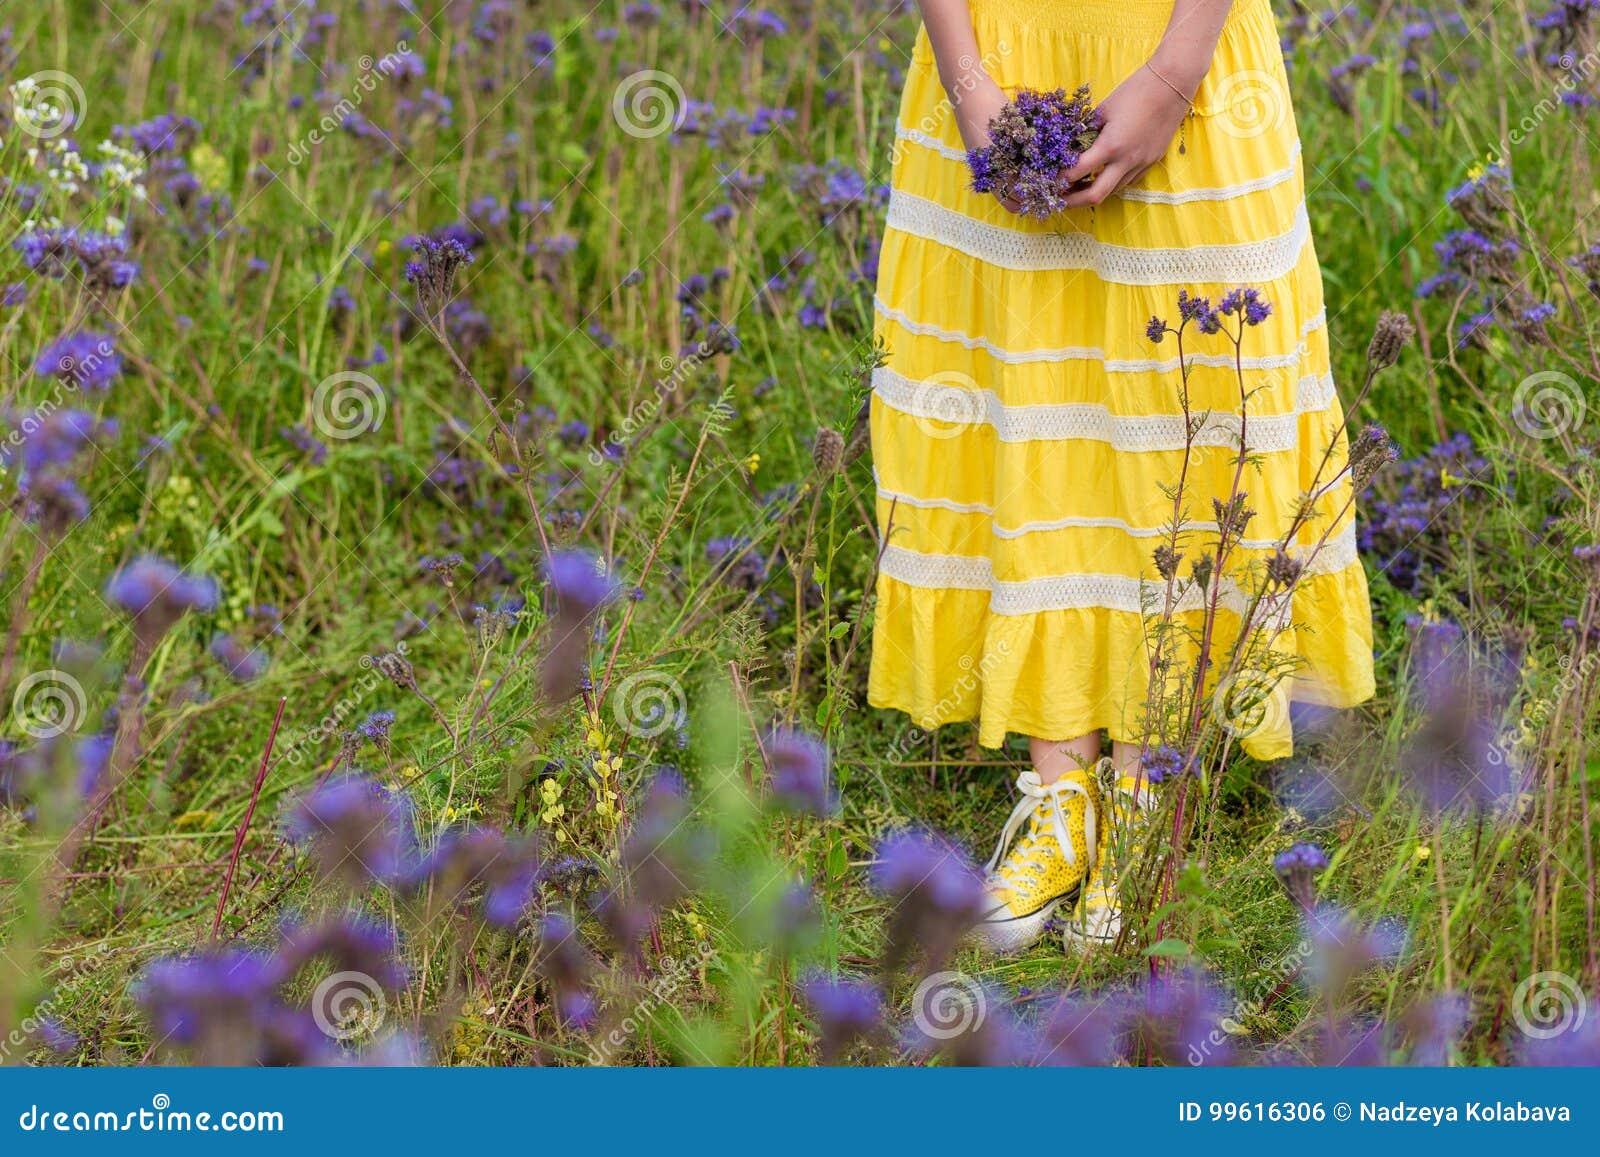 Mädchen In Den Purpurroten Blumen Draußen Im Sommer Stockfoto - Bild ...